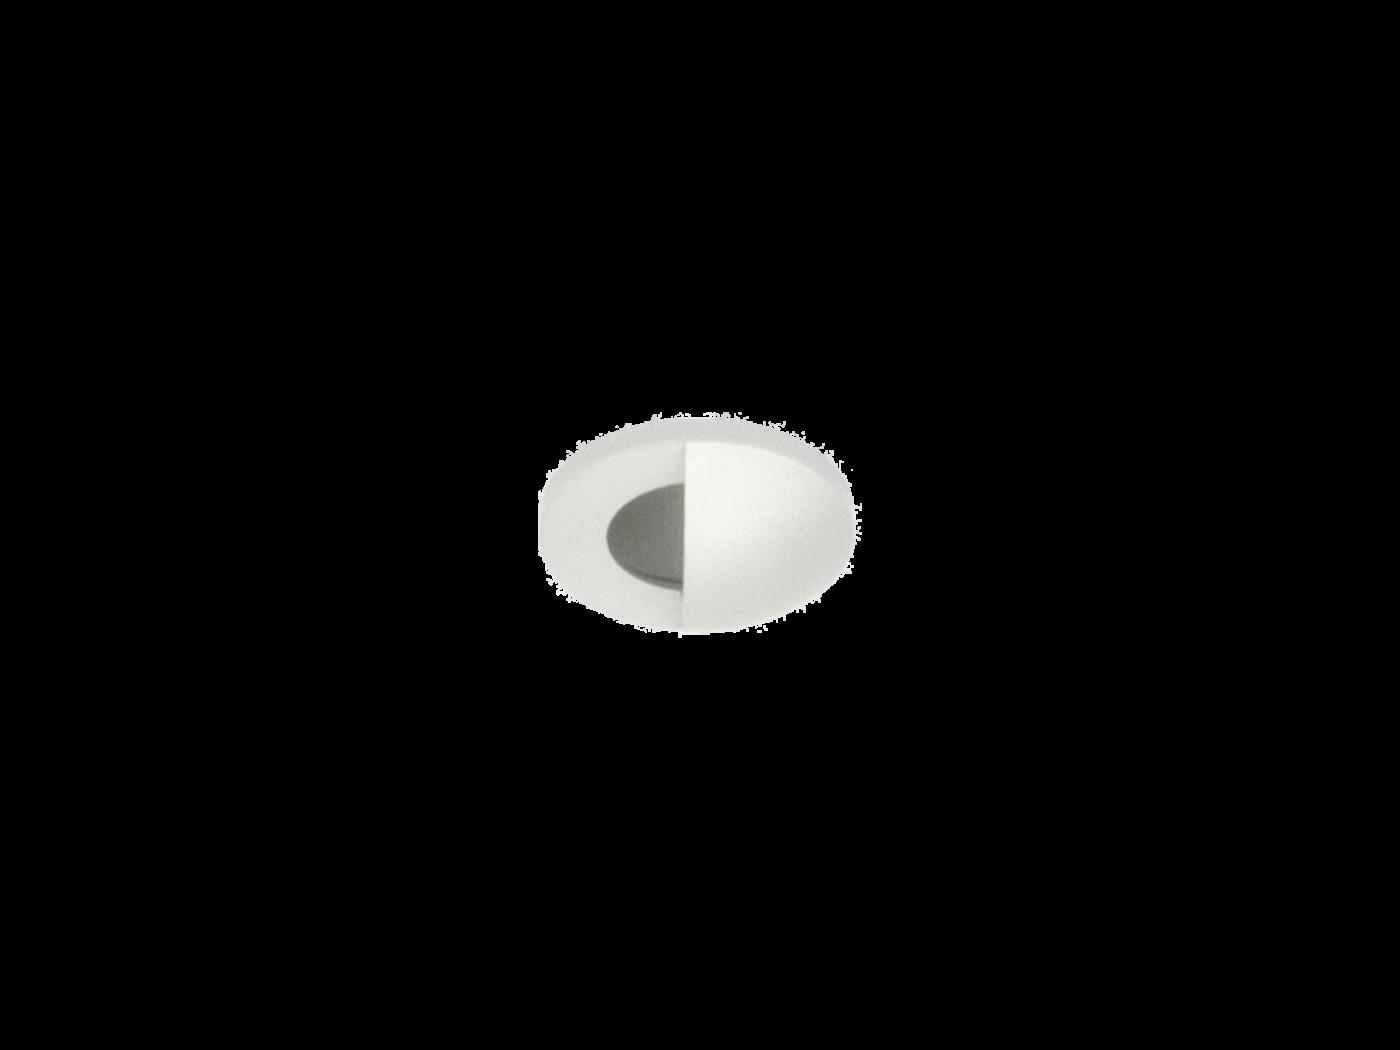 Highline_Step_3K_White_1600x1200